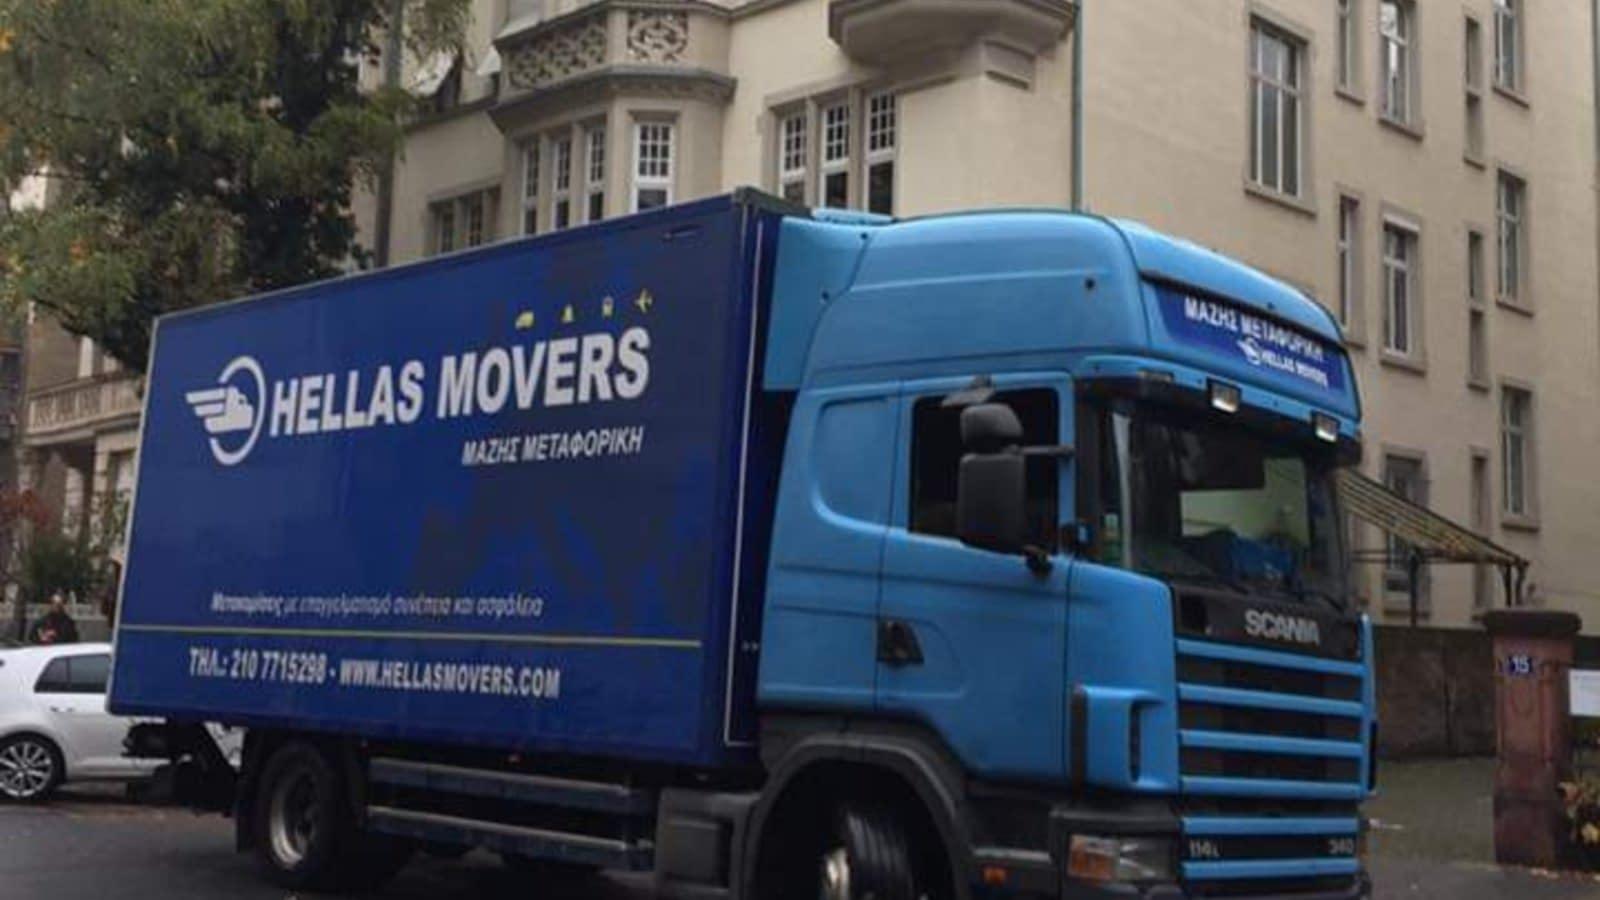 Μετακόμιση στην Ιταλία από Ελλάδα Χριστόφορος Μάζης Μεταφορές Μετακομίσεις Χριστόφορος | Hellas Movers